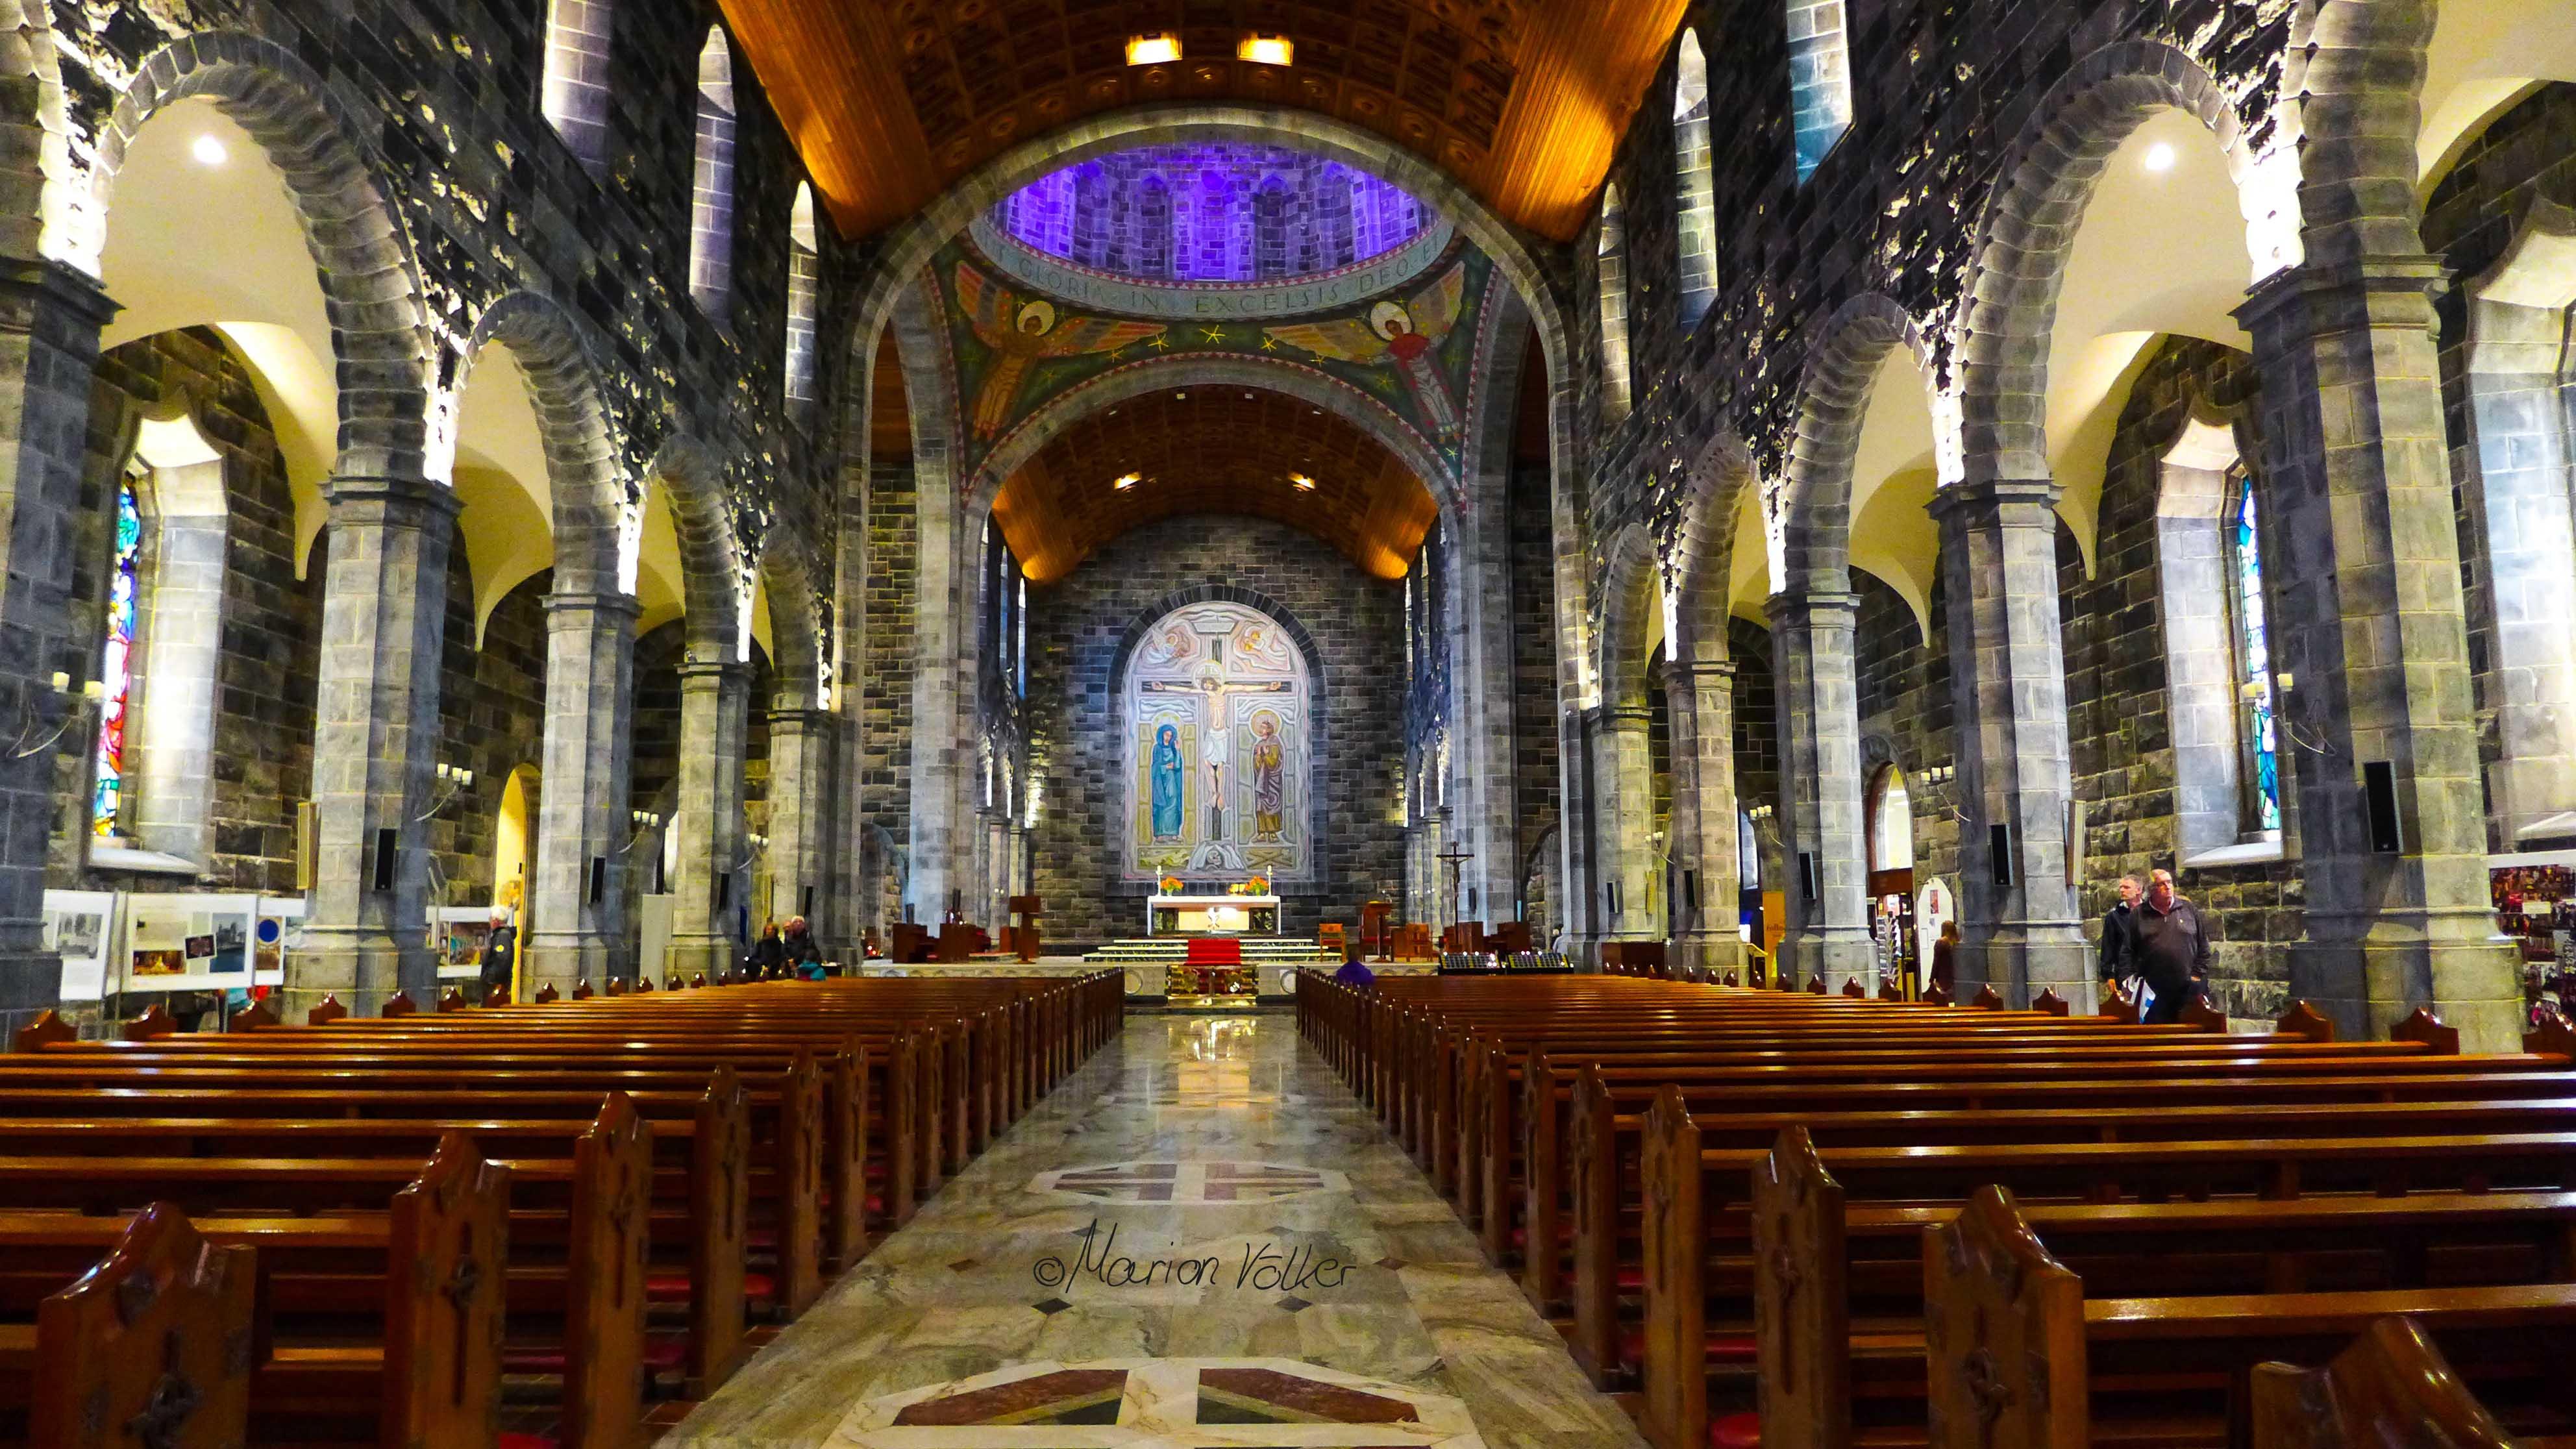 Die Galway Cathedral sieht besonders toll aus, wenn die SOnne durch die bunten Fenster scheint